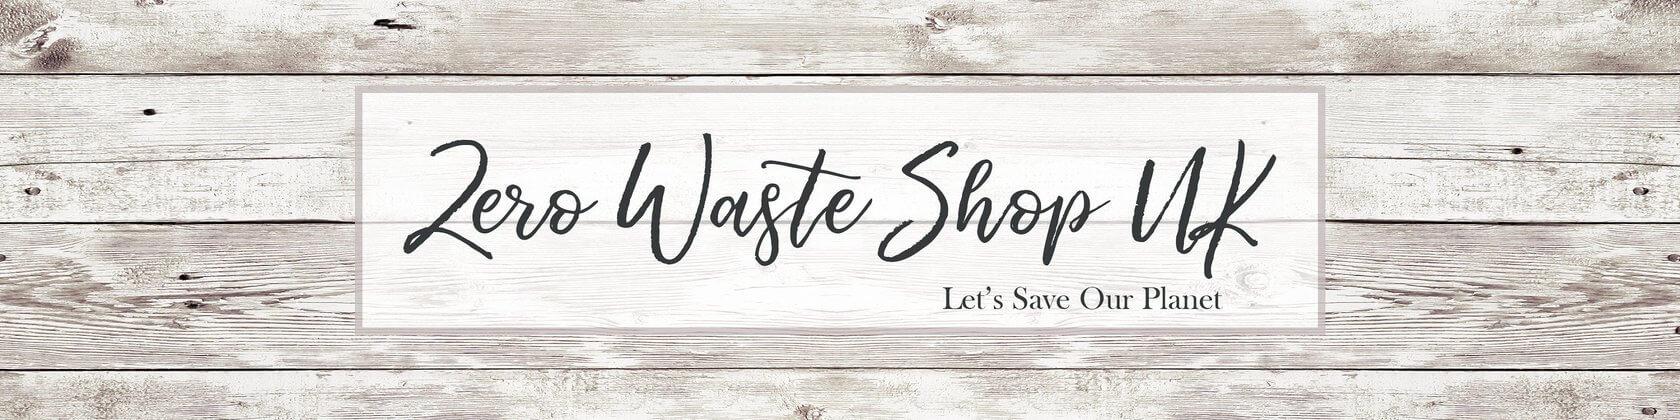 Zero waste shop UK